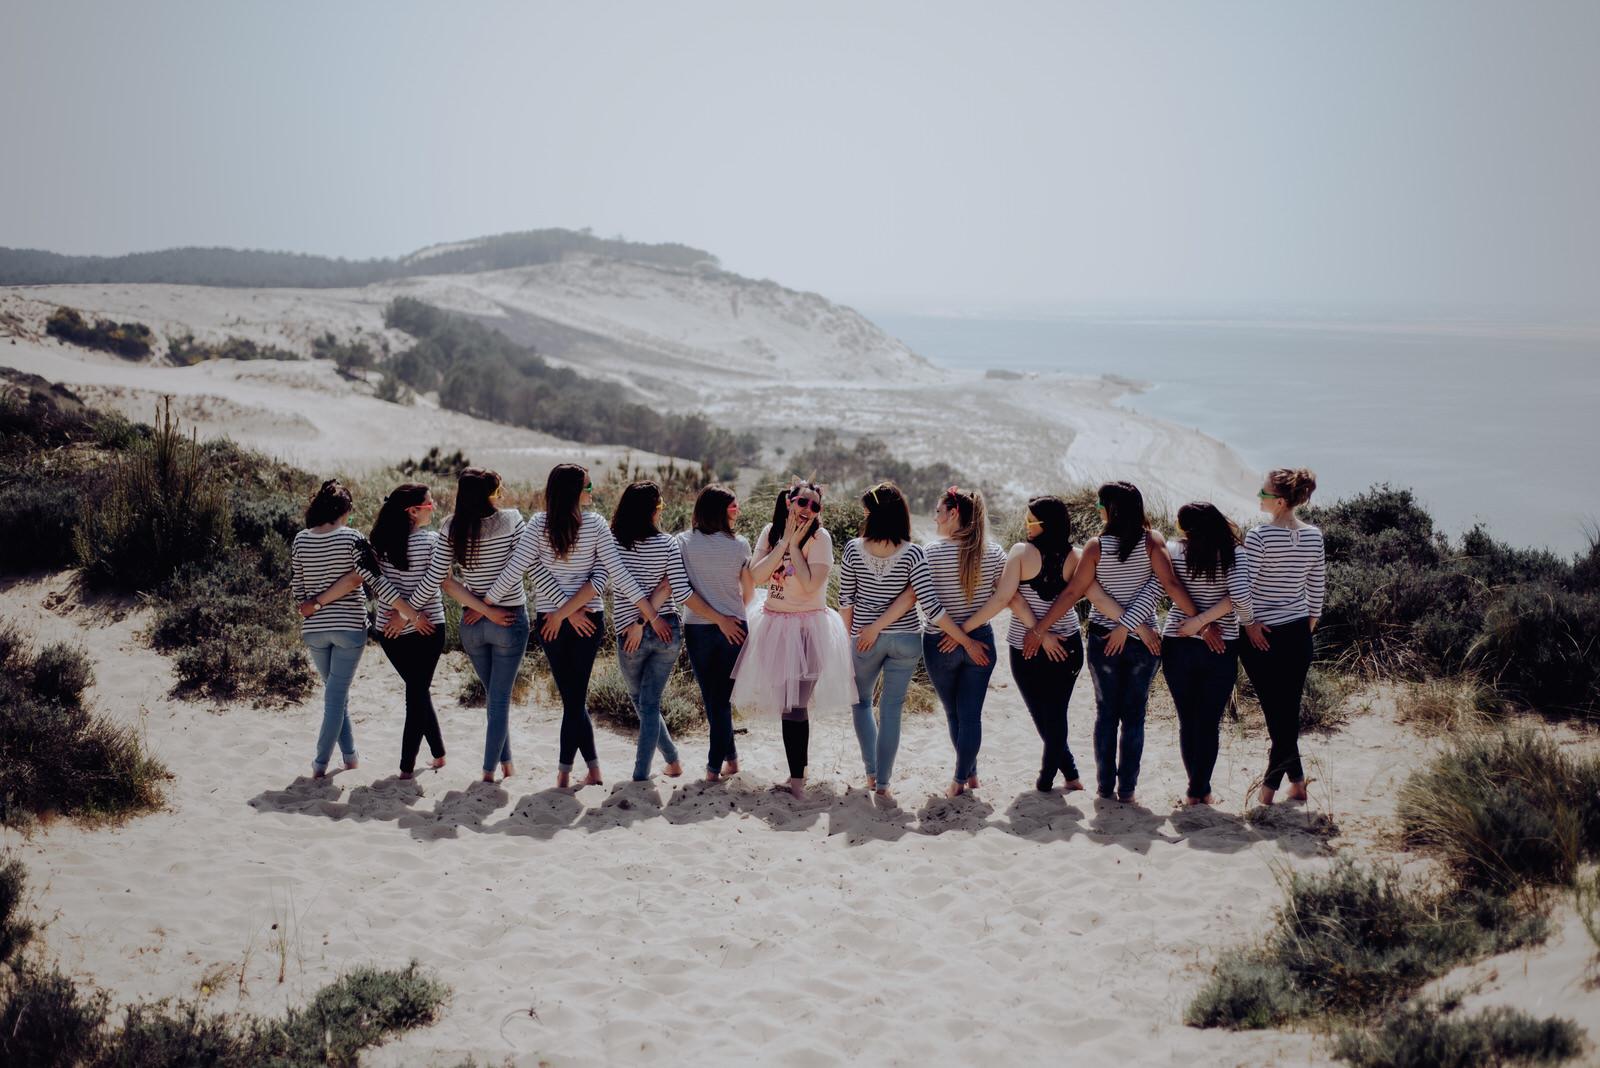 séance photo à la plage, bassin d'arcachon